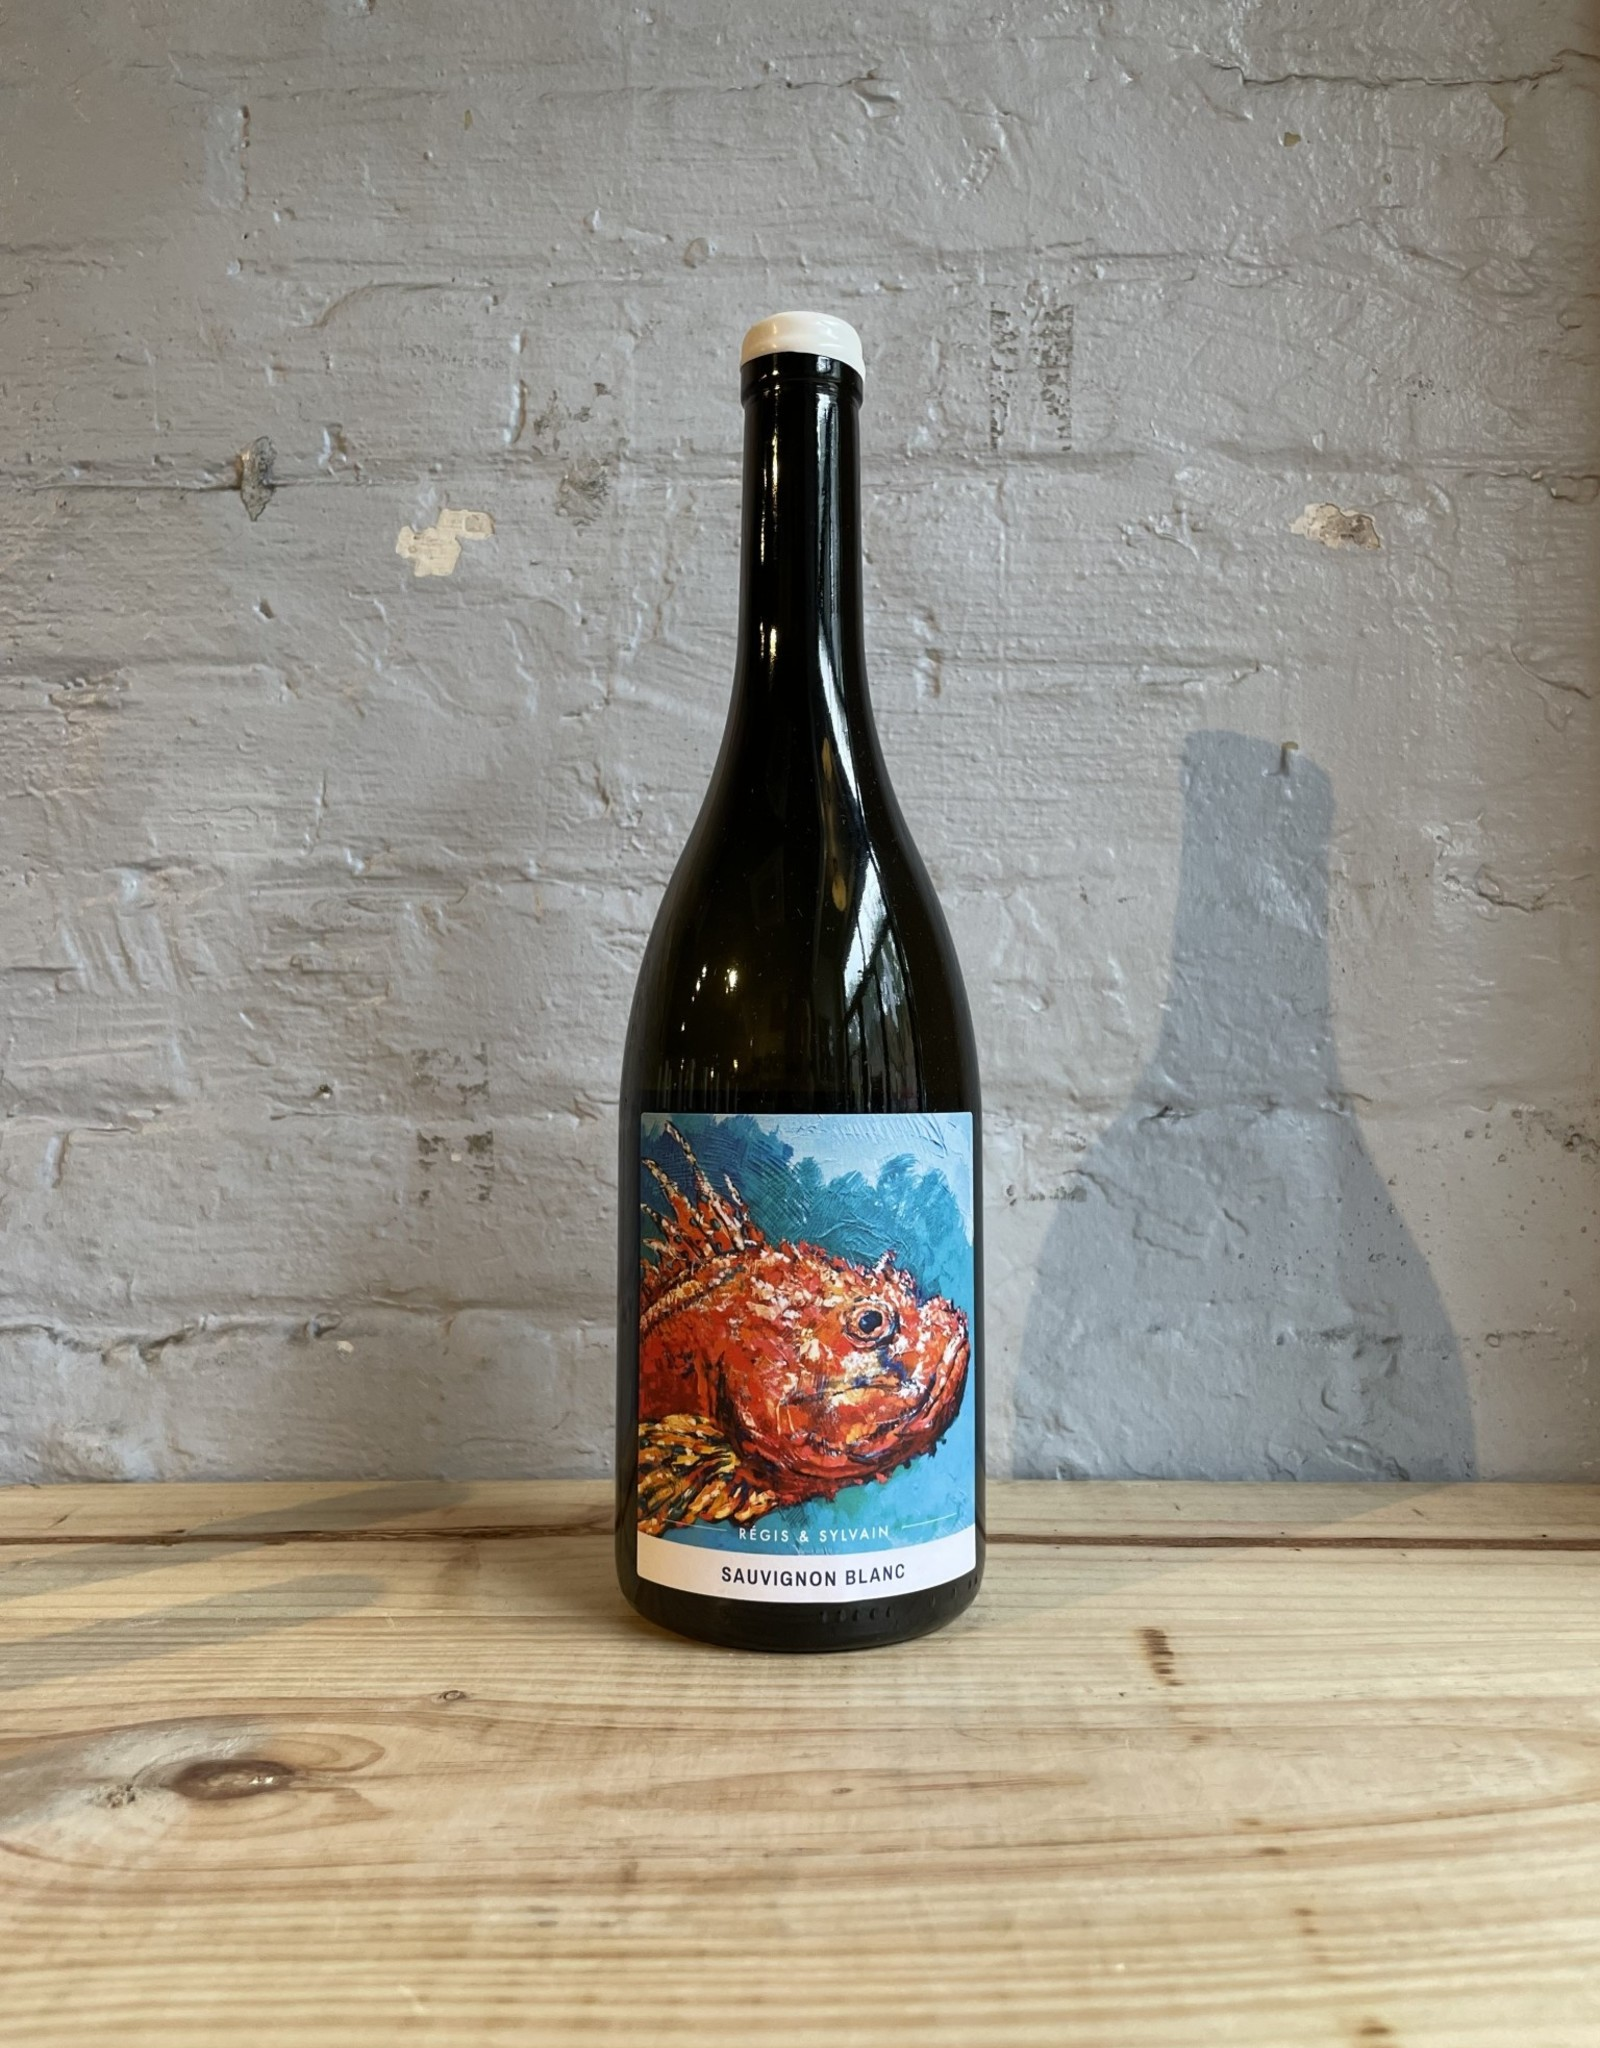 Wine 2020 Regis et Sylvain Une Cuvée d'Amitié Sauvignon Blanc Biodynamique - Loire Valley, France (750ml)